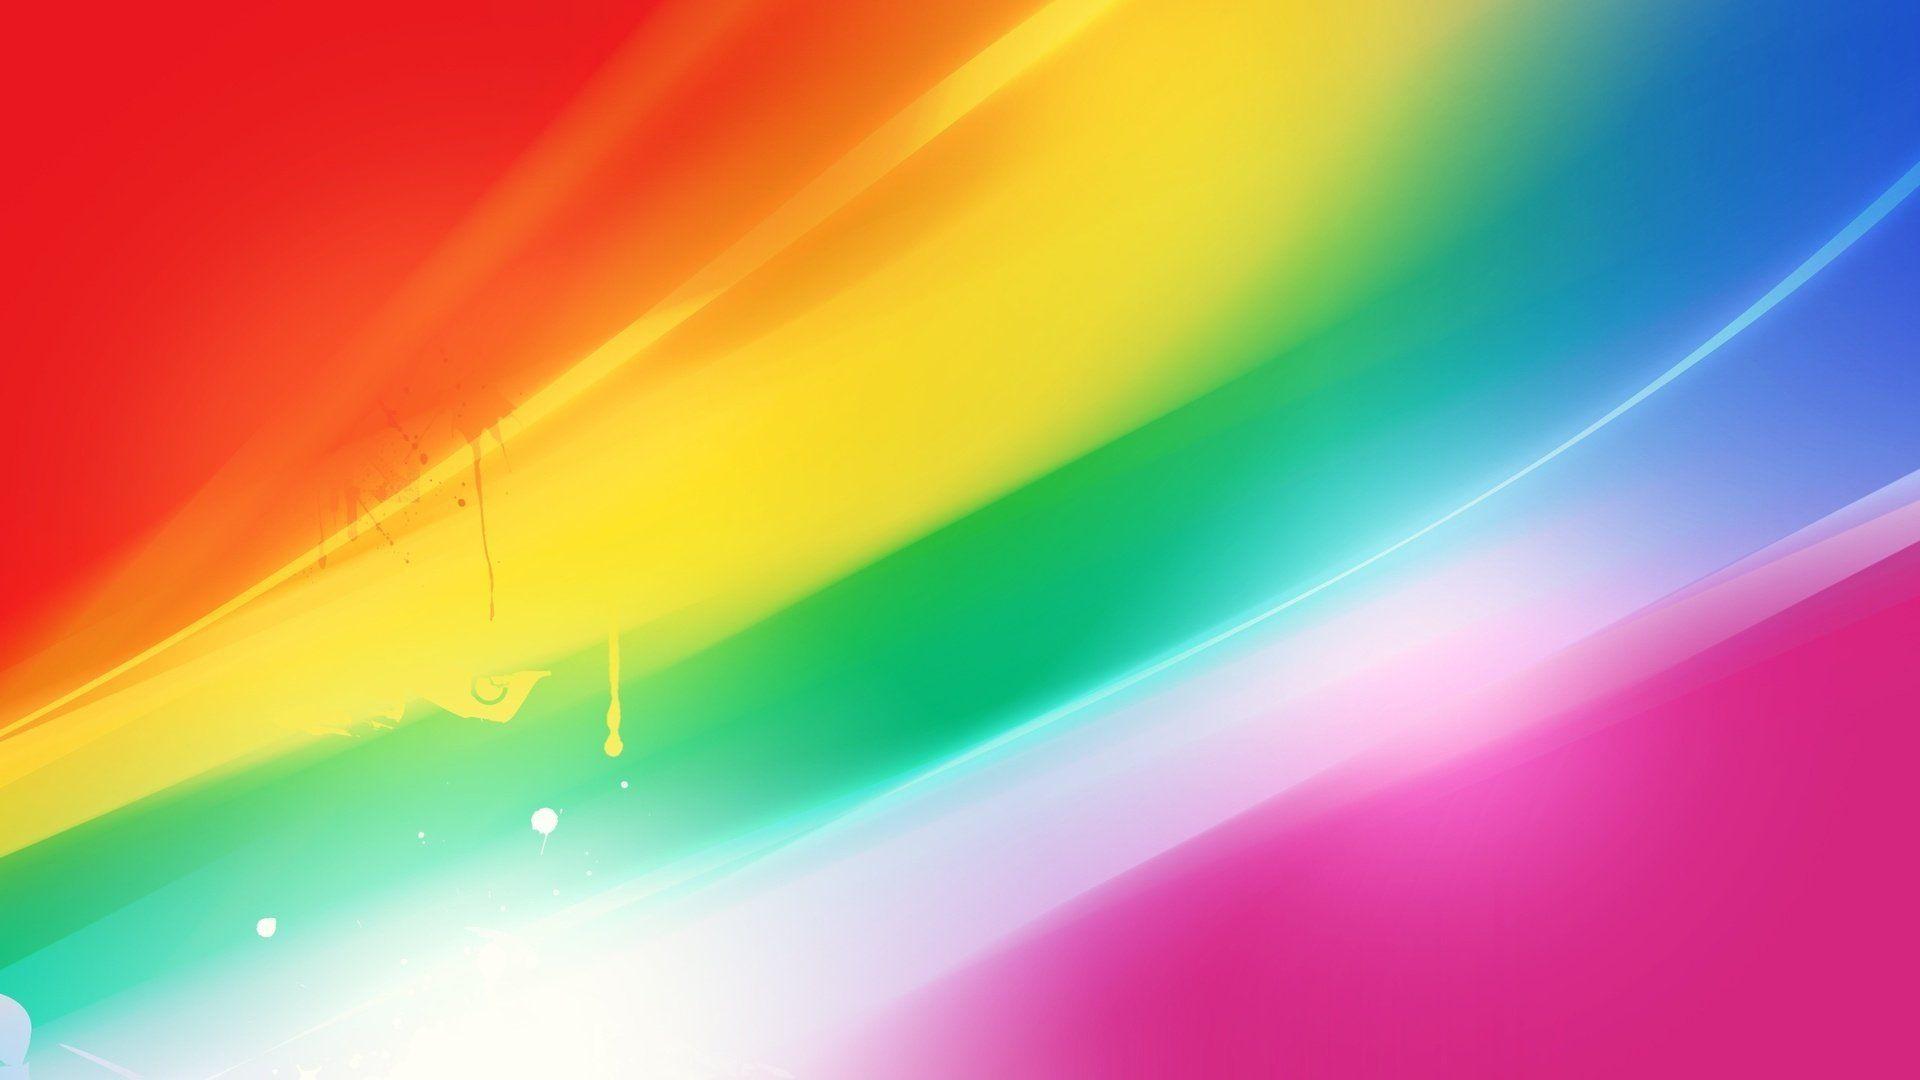 Bright wallpaper picture hd